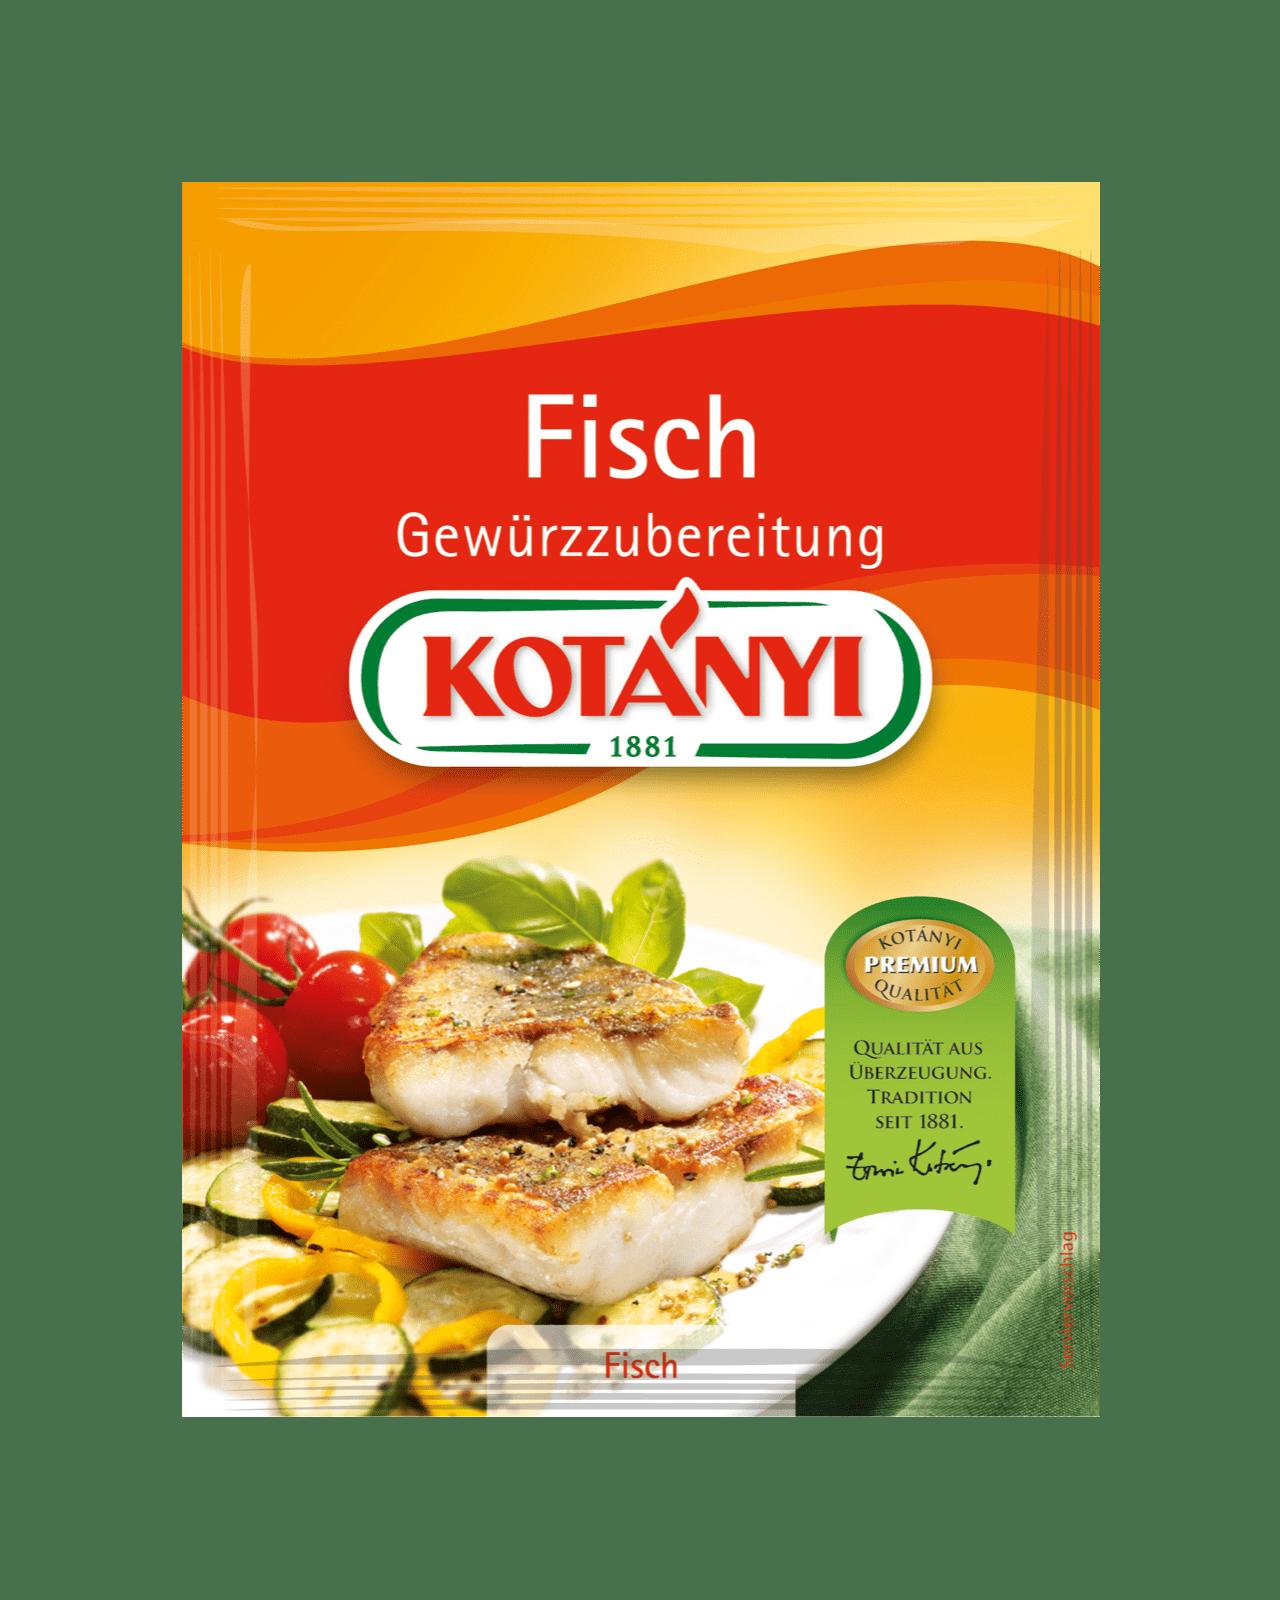 Kotányi Fisch Gewürzzubereitung im Brief